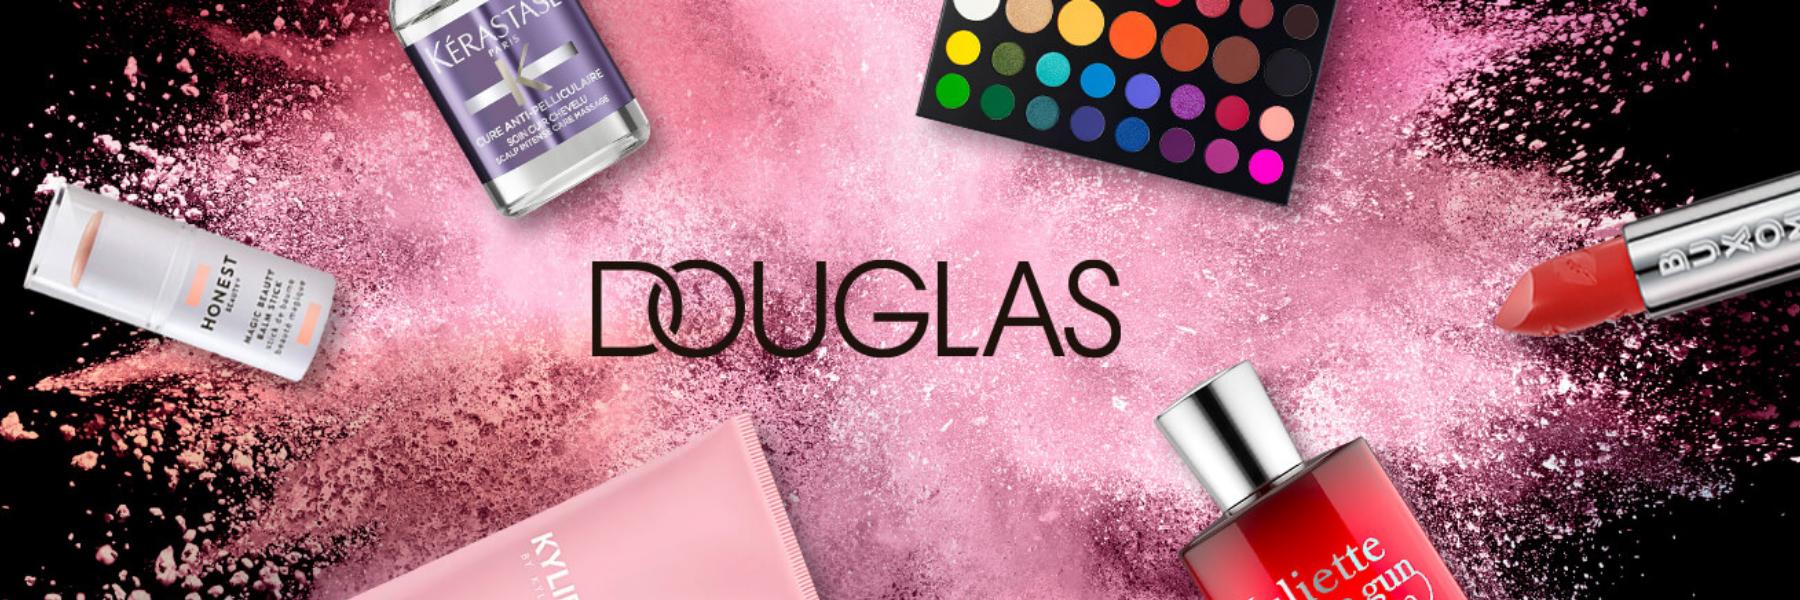 Una explosión de belleza con Douglas